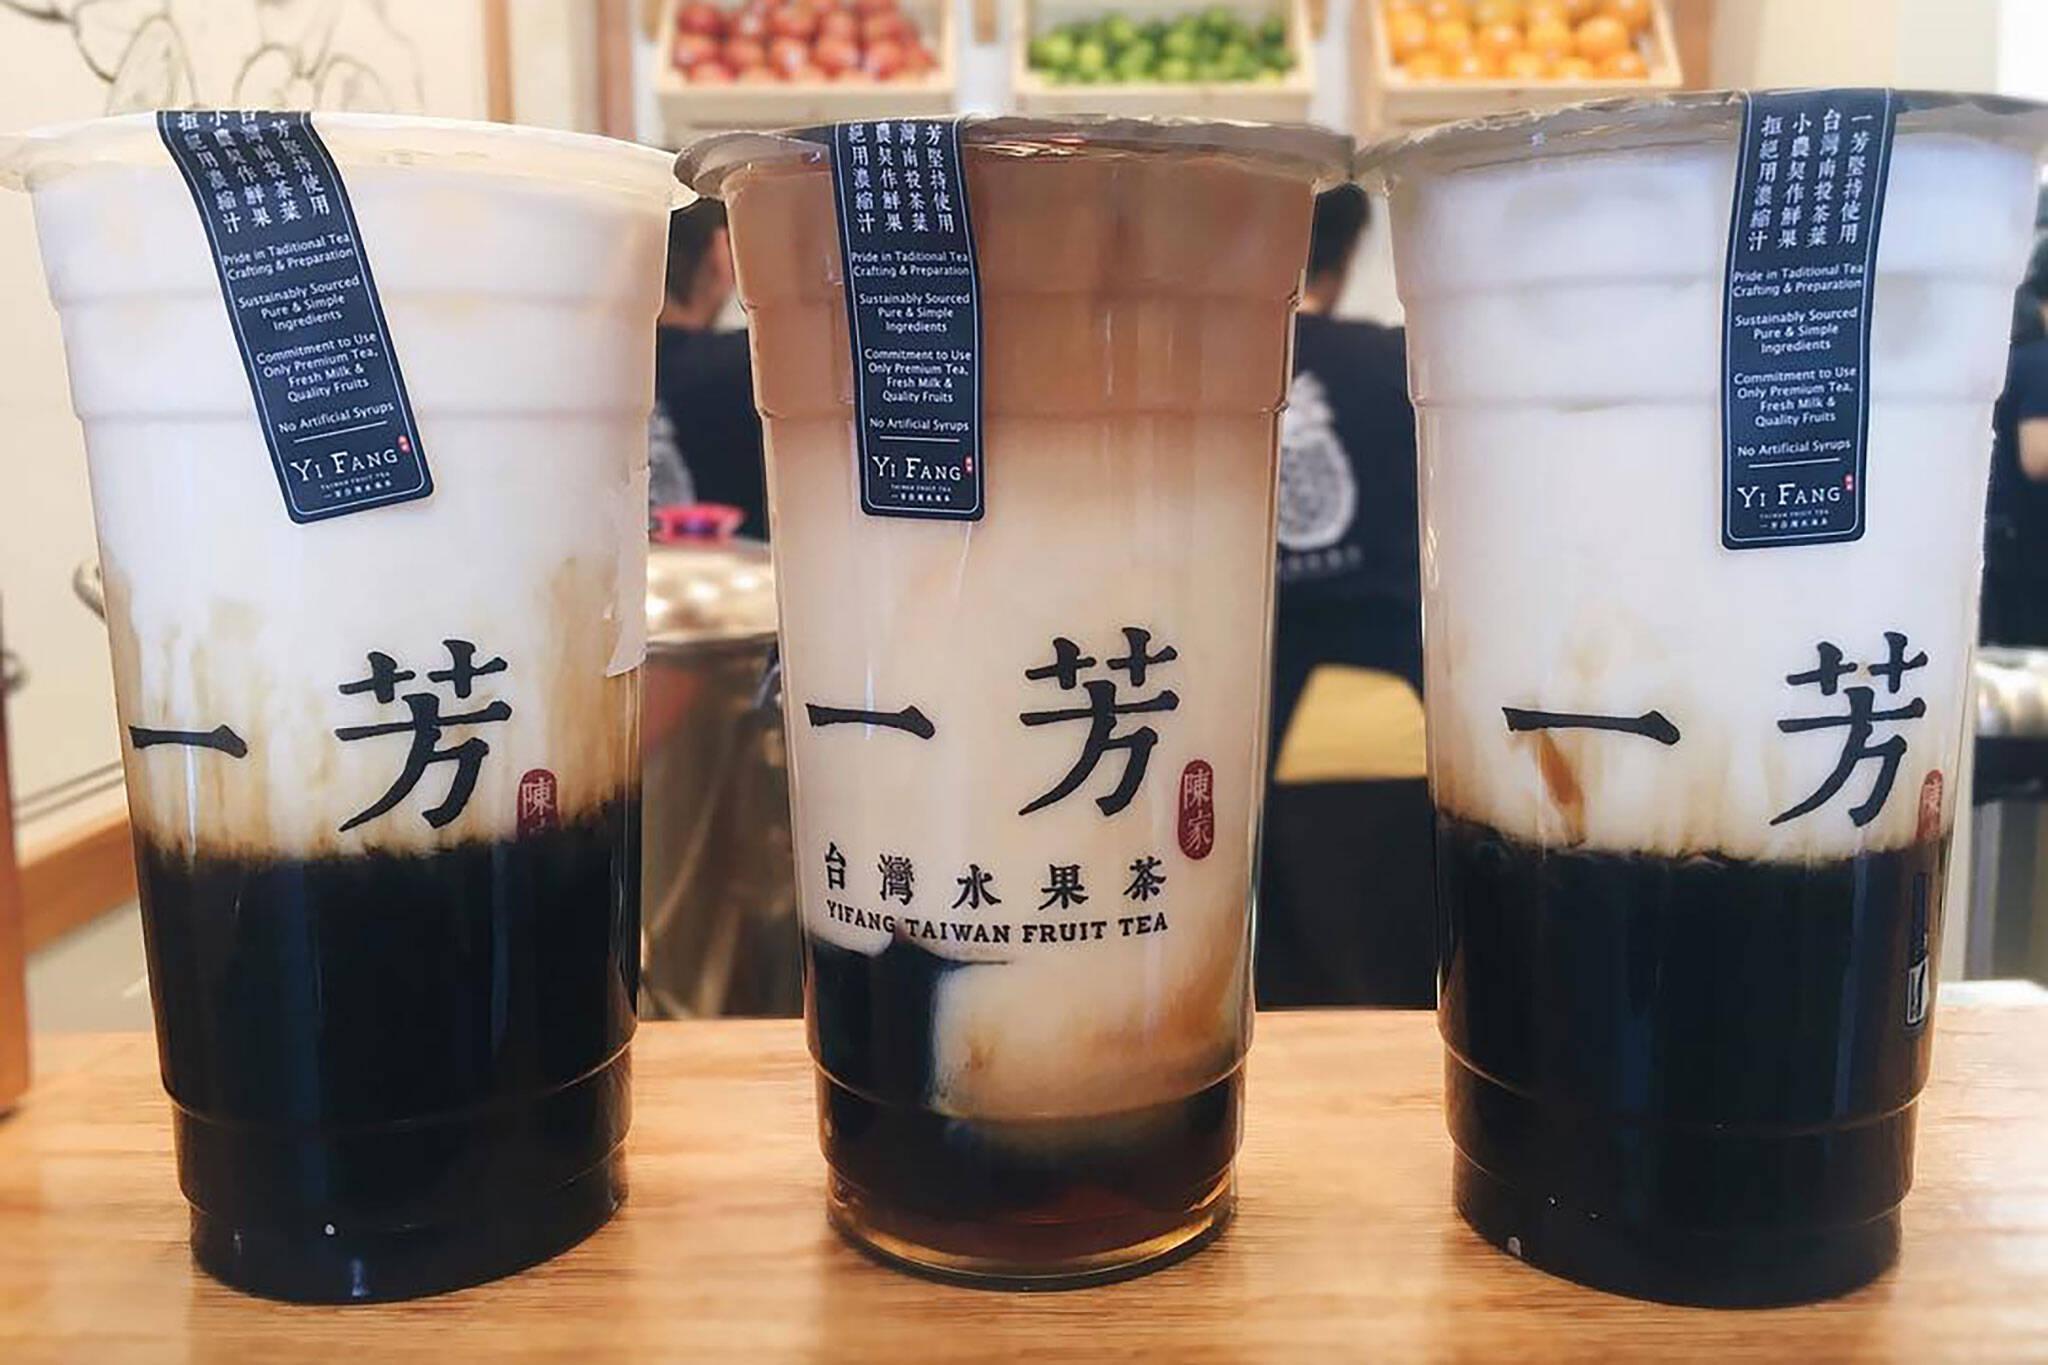 yifang bubble tea toronto